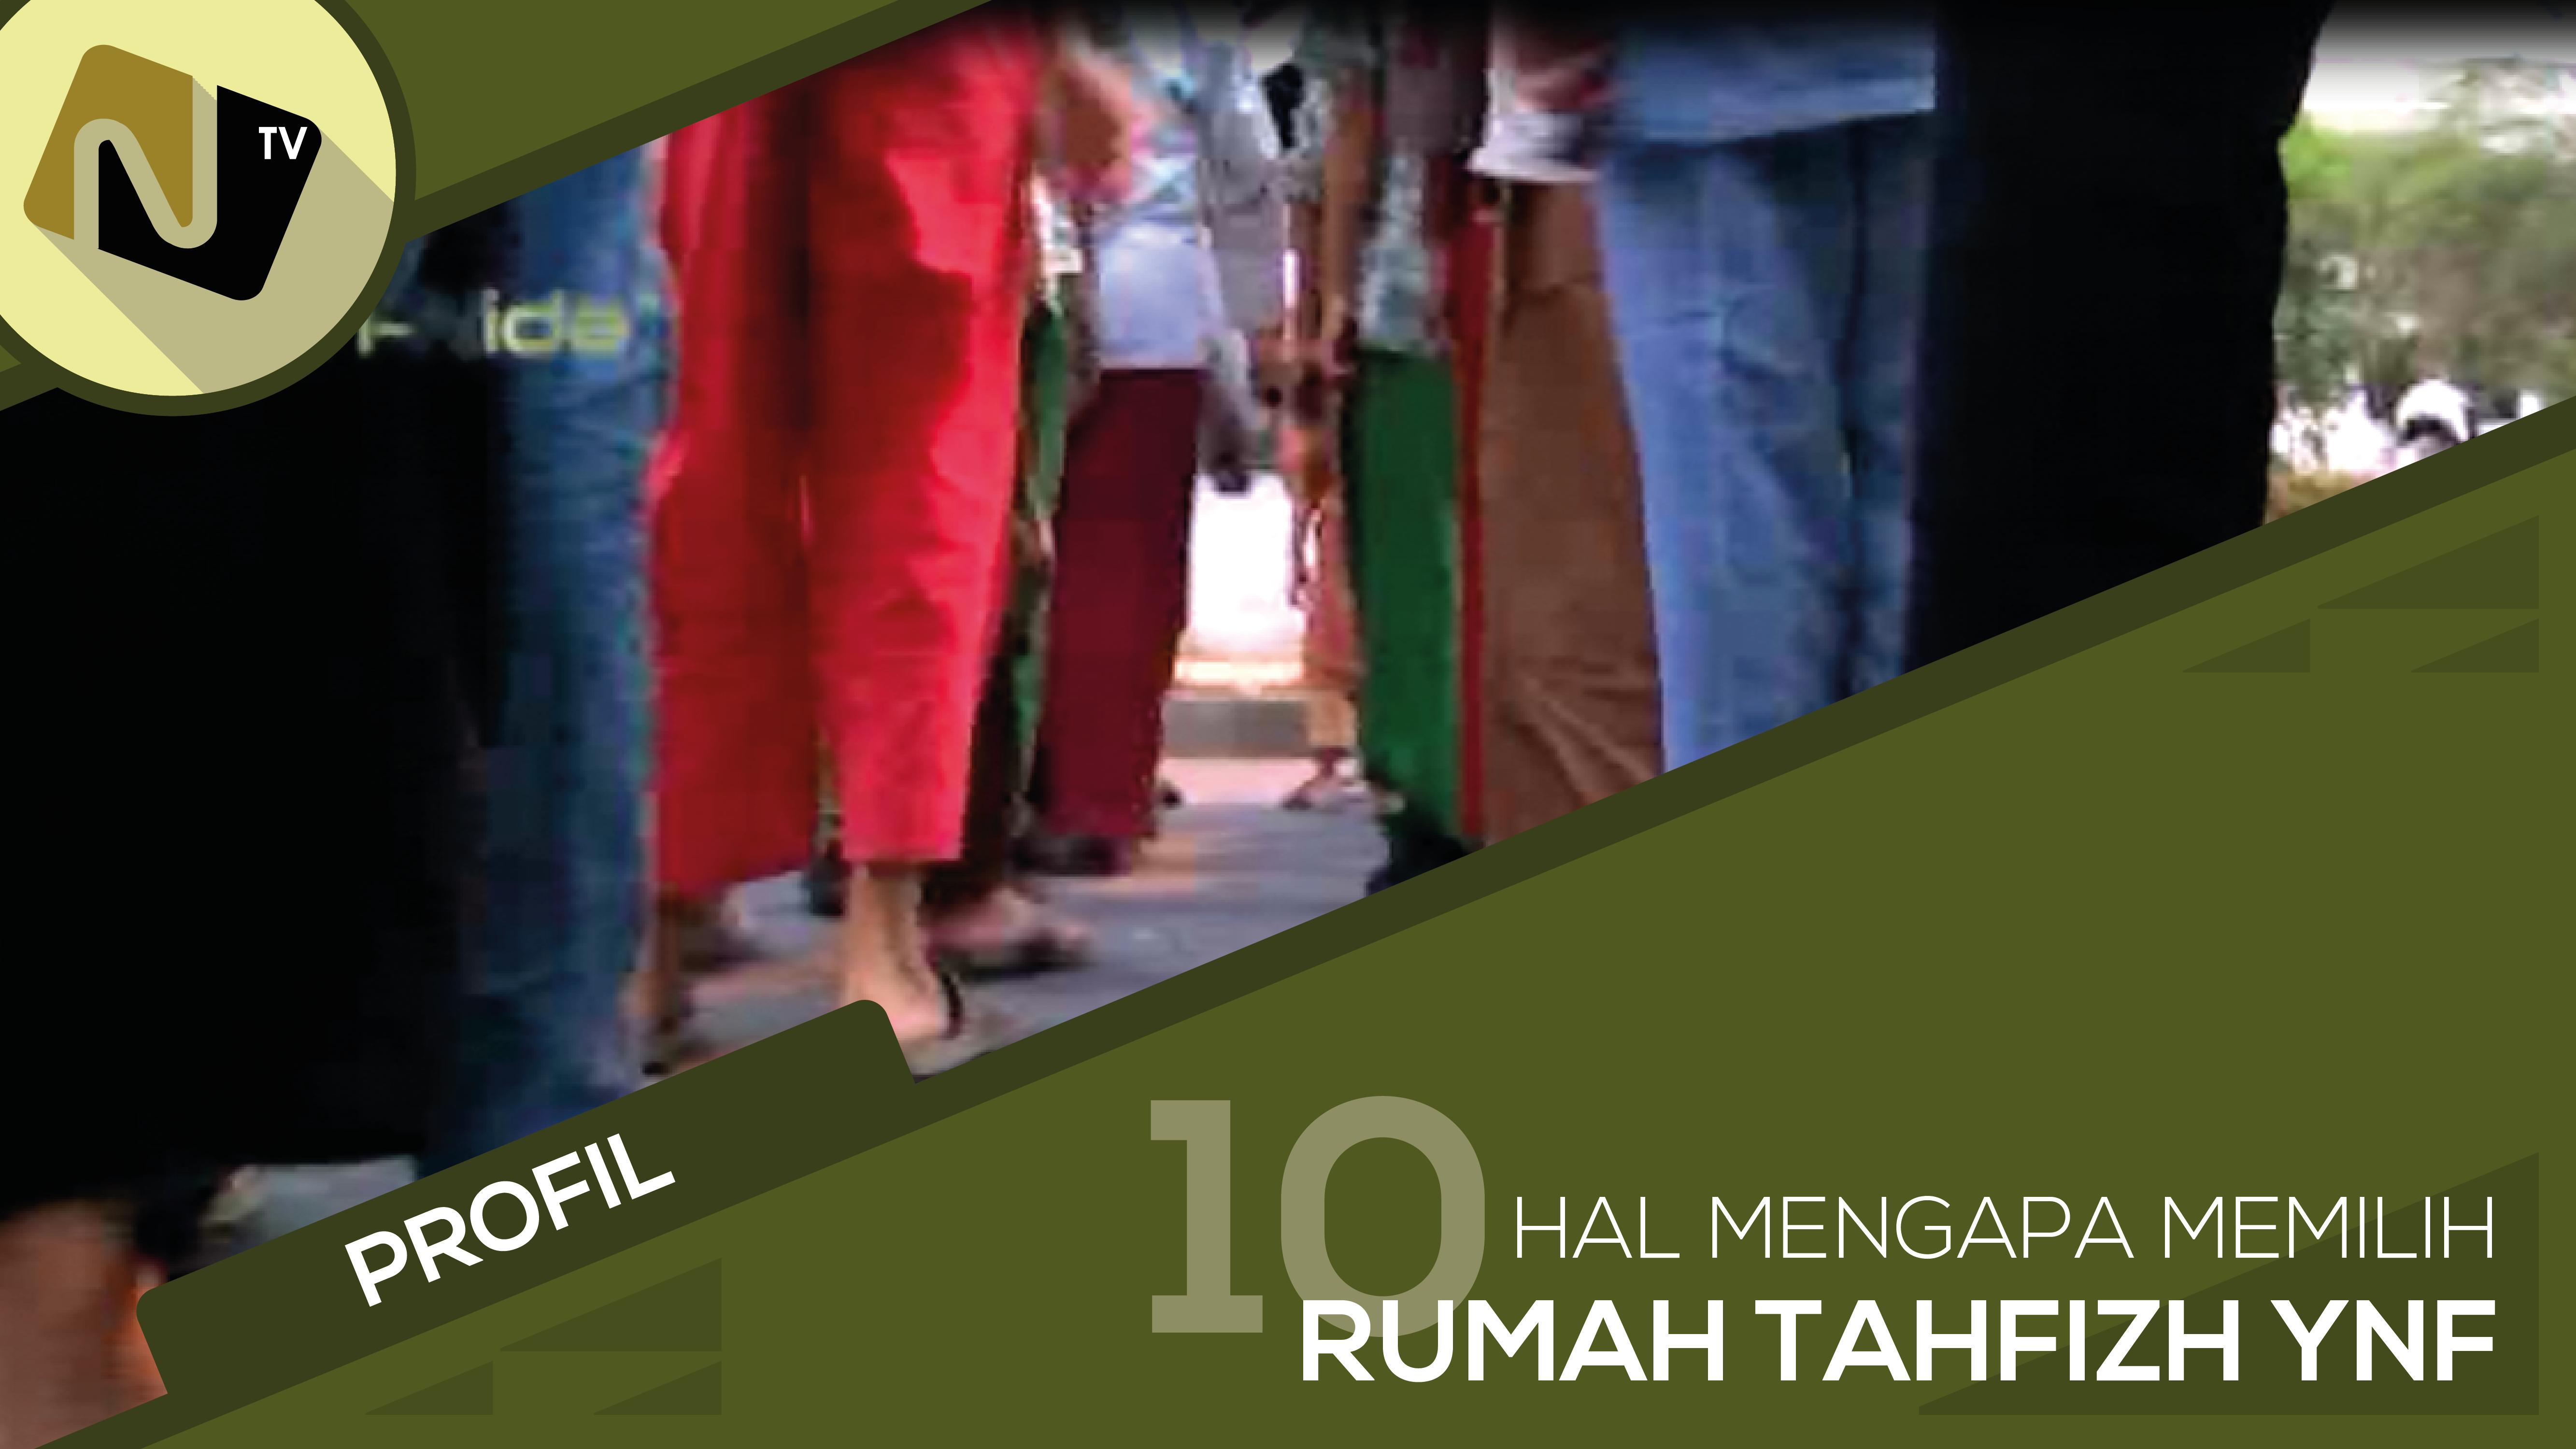 10 Hal Mengapa Memilih Rumah Tahfizh YNF